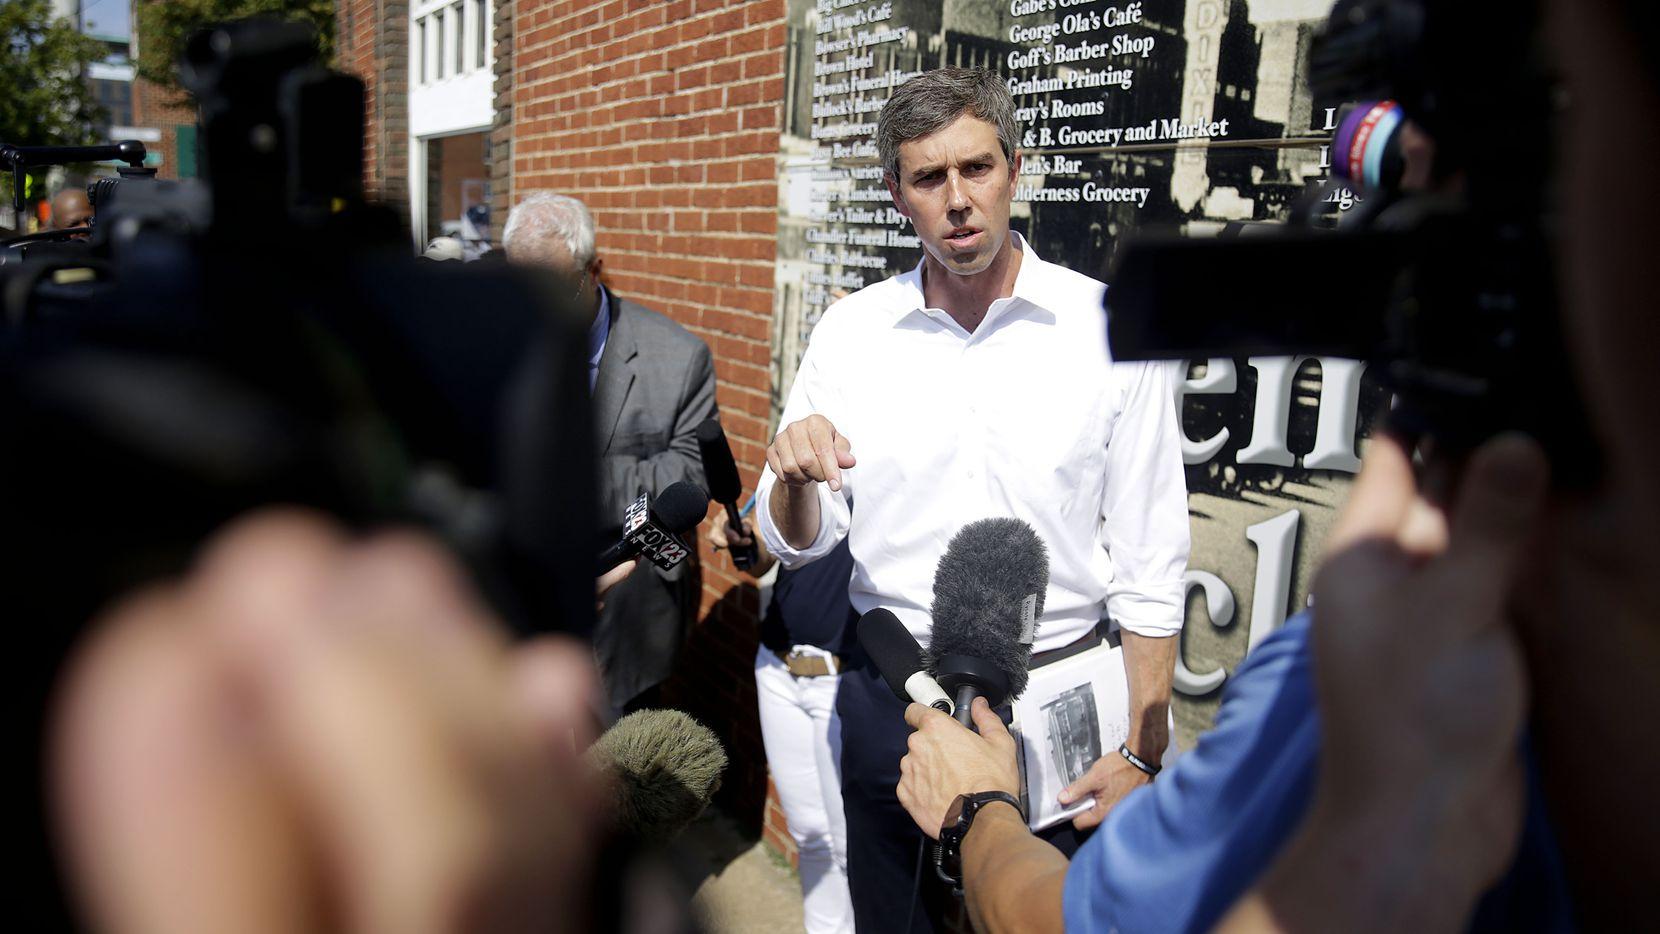 El candidato demócrata Beto O'Rourke visitó el Greenwood District en Tulsa, Oklahoma.